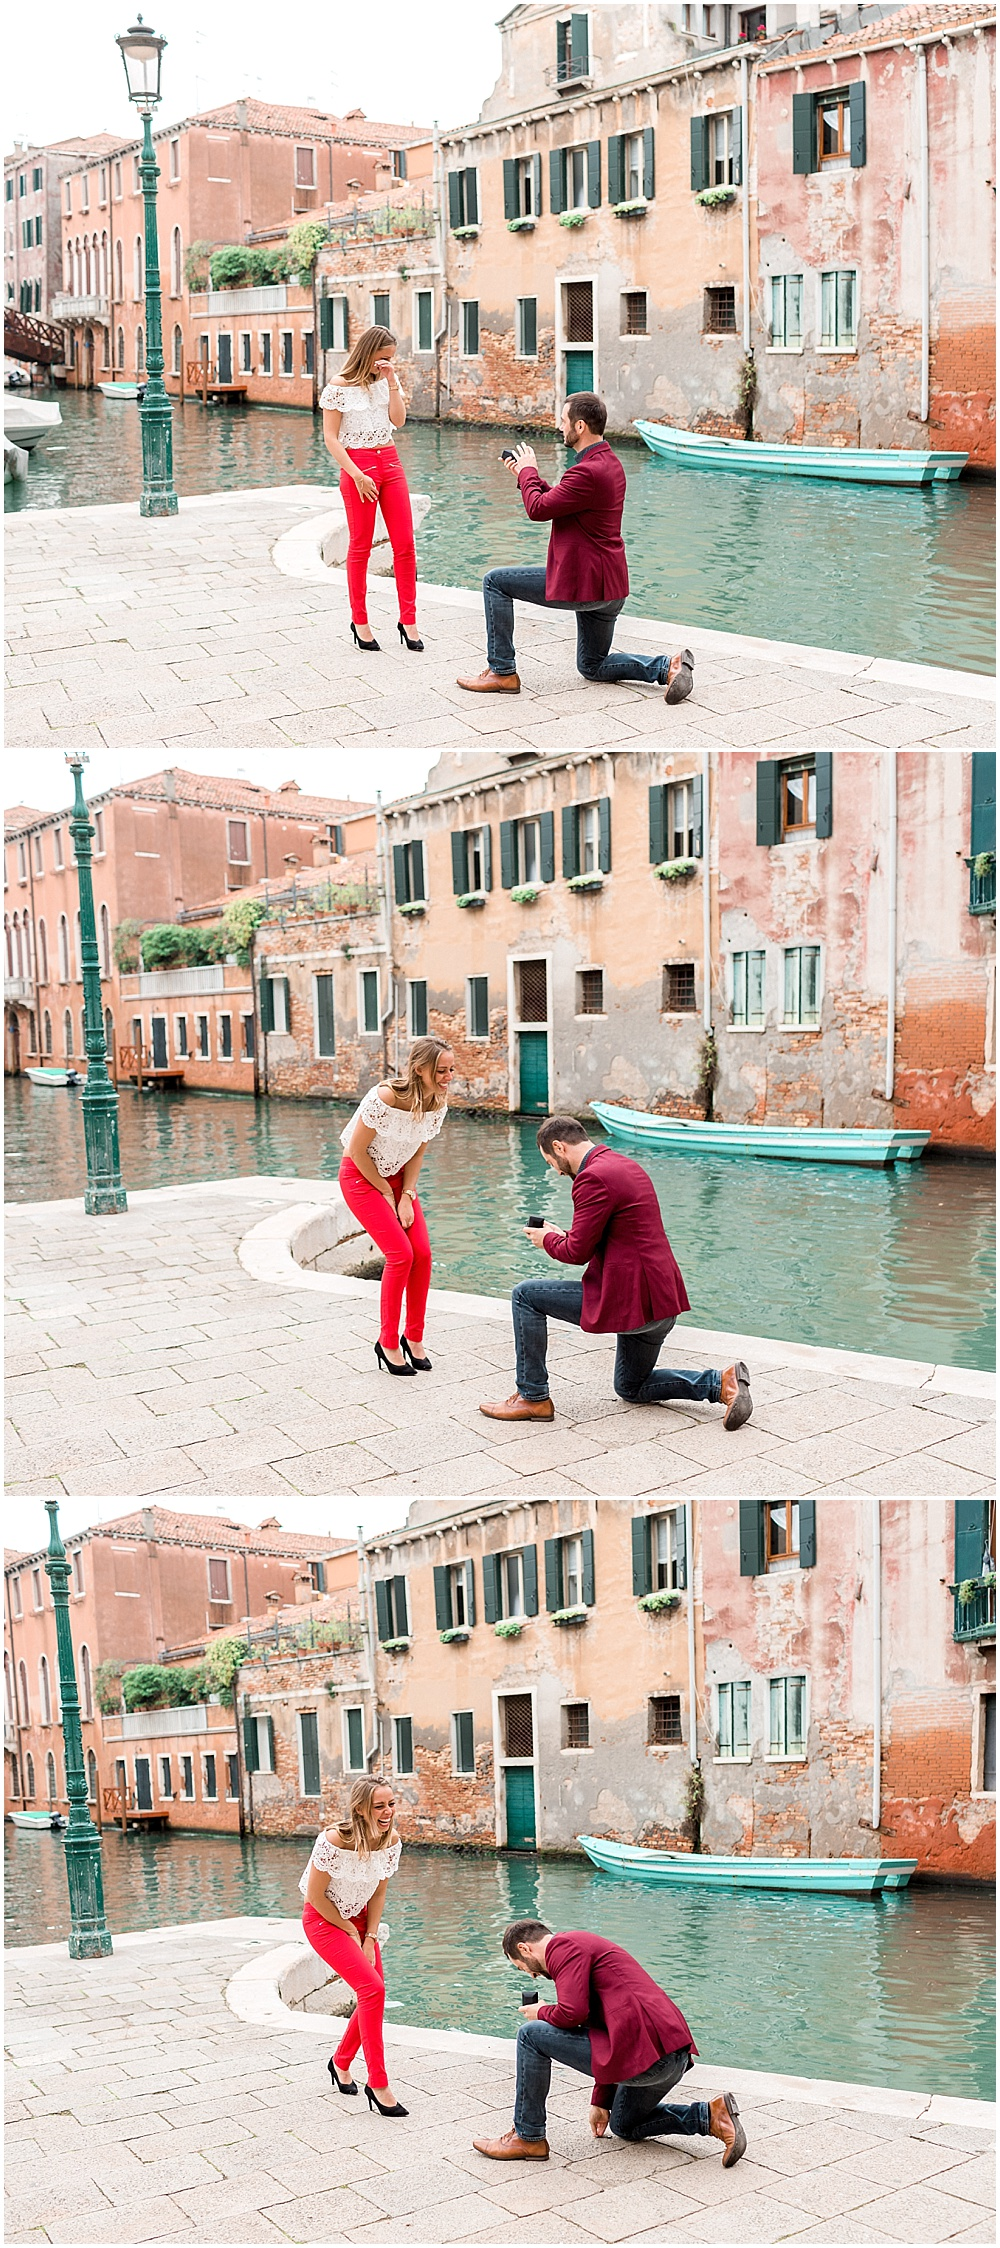 venice-italy-wedding-proposal-gondola-sunset-photoshoot17.jpg